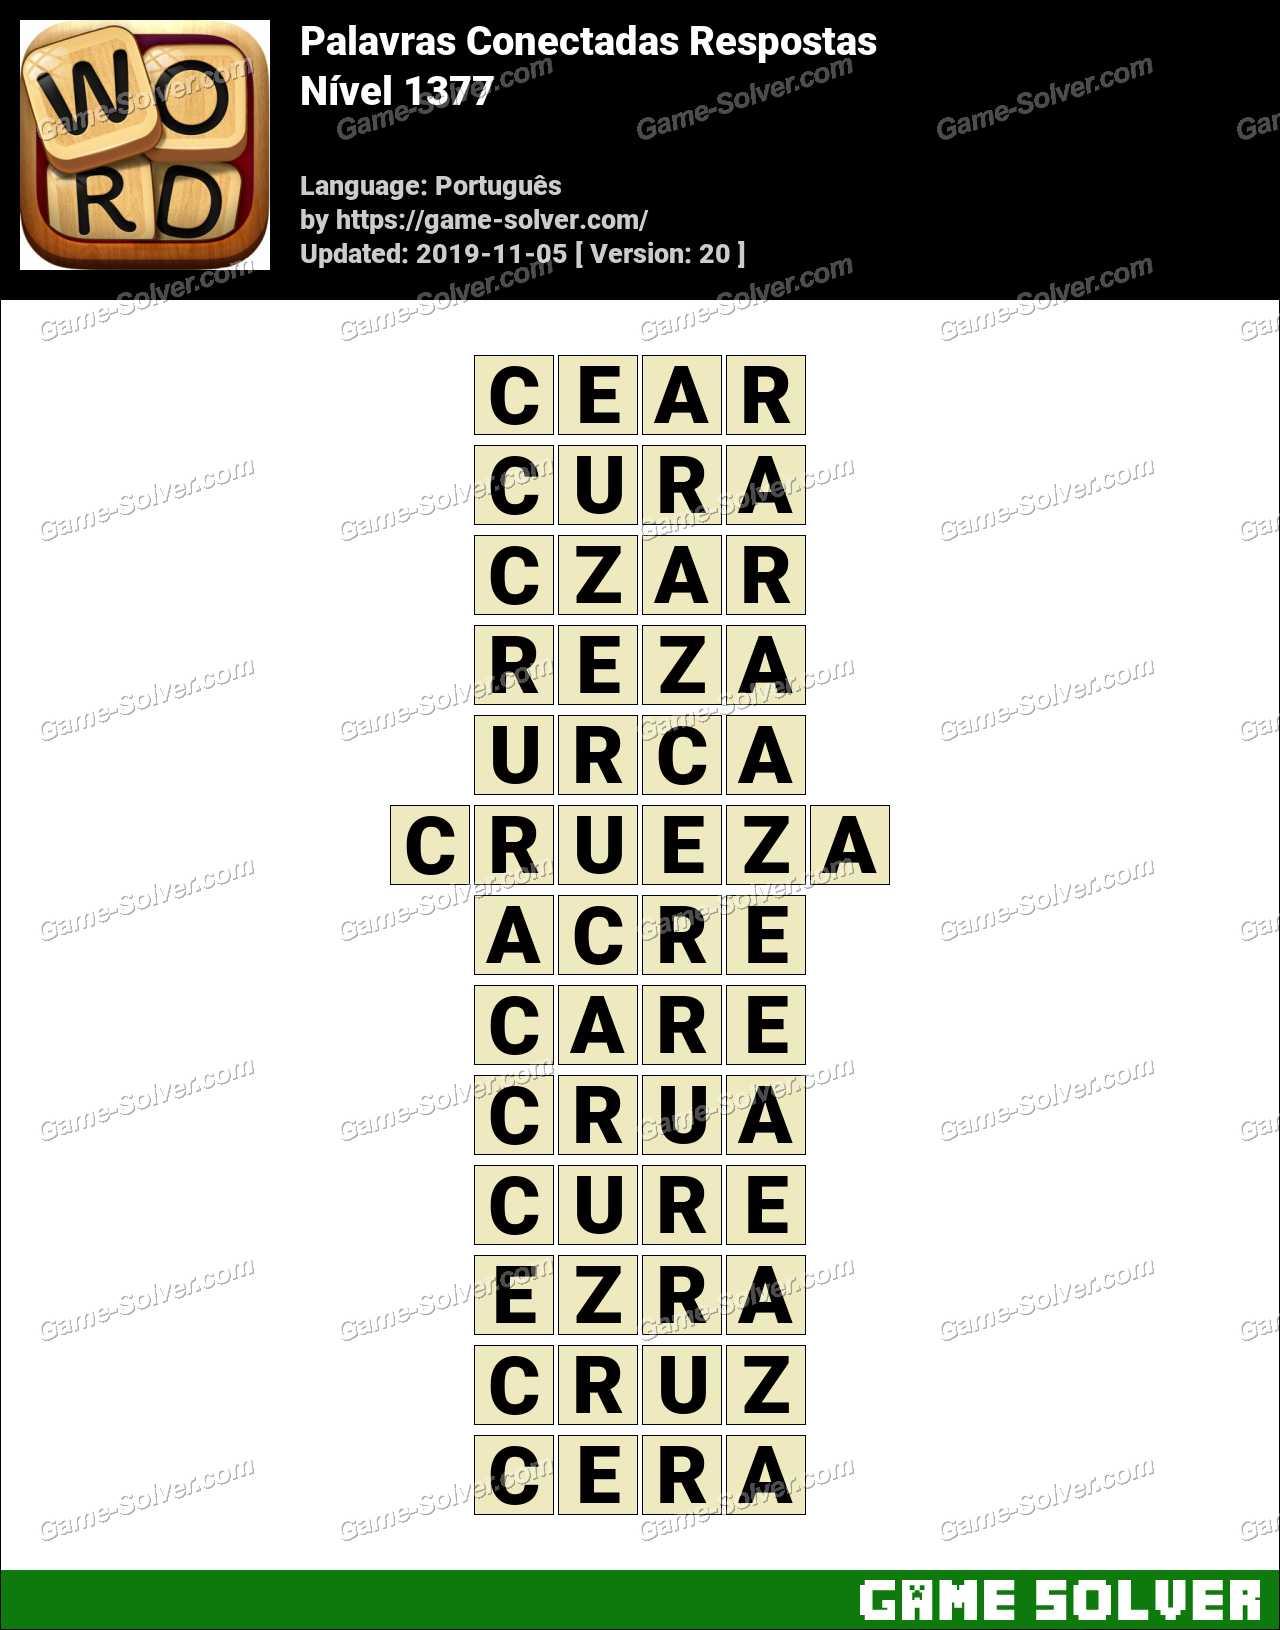 Palavras Conectadas Nivel 1377 Respostas